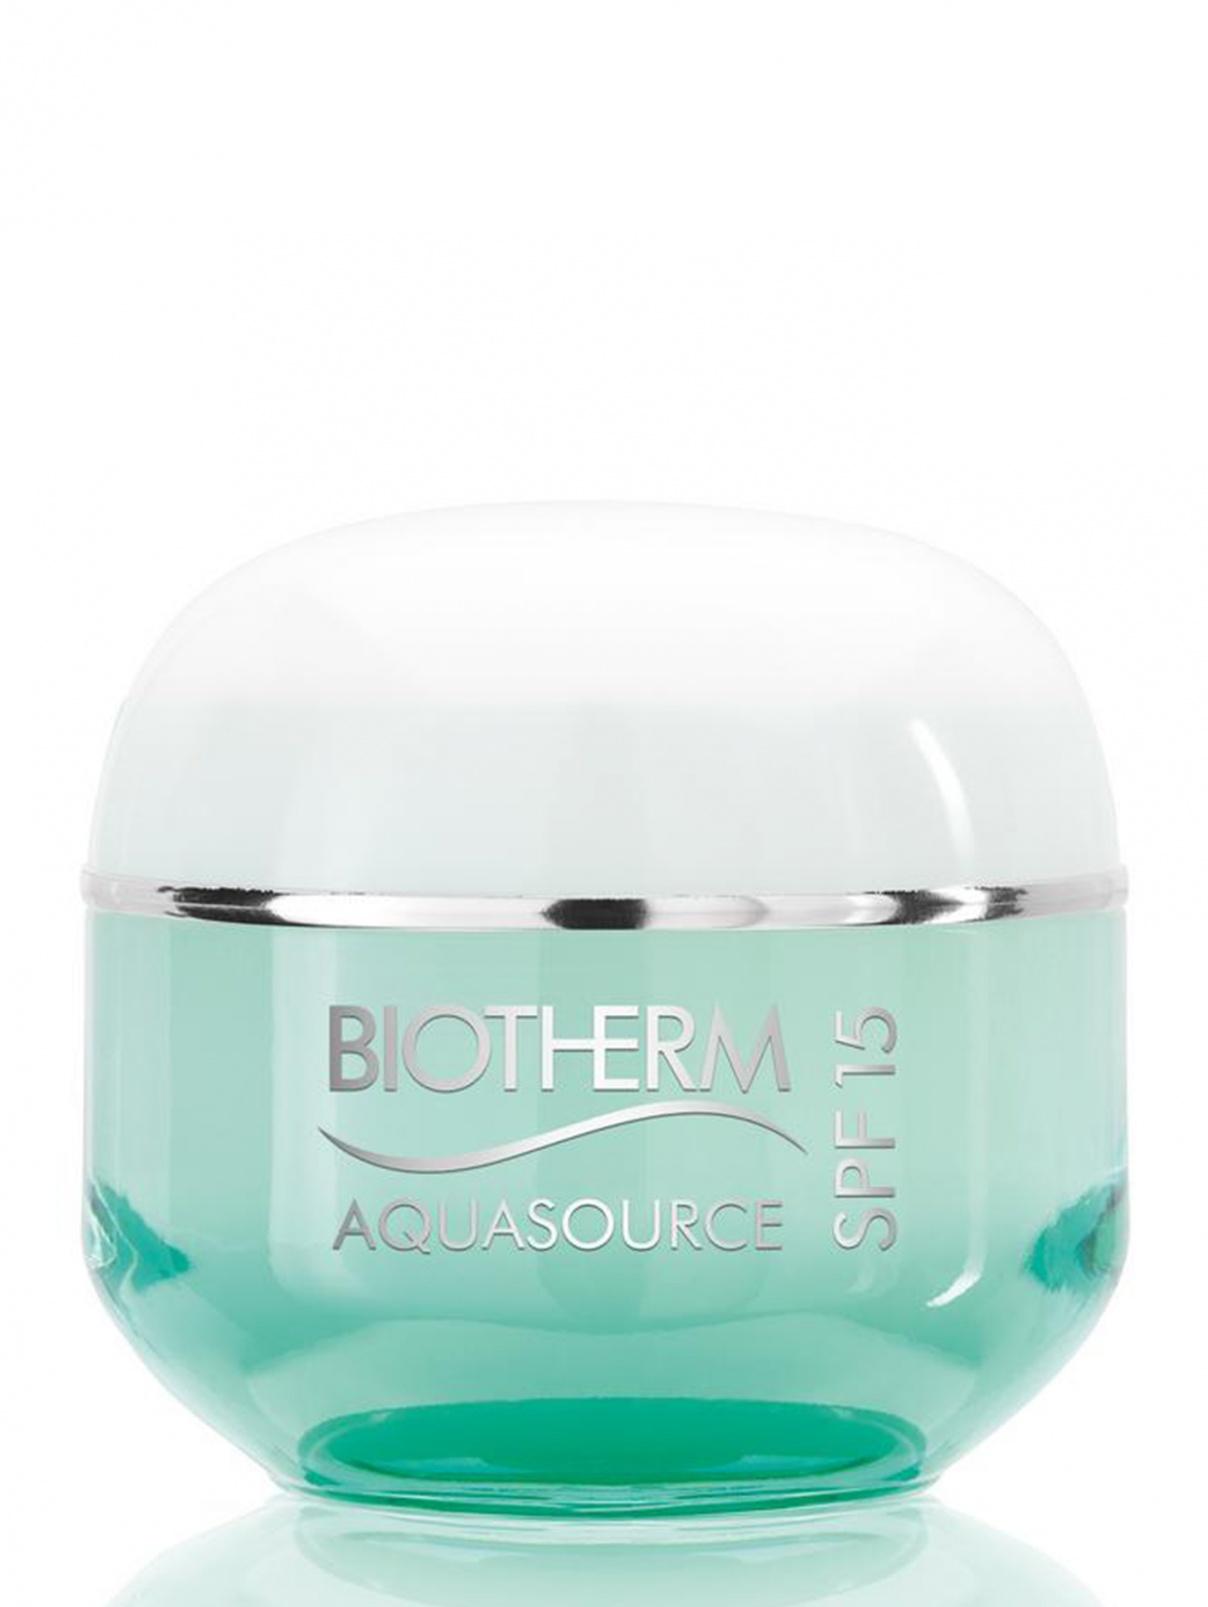 Увлажняющий крем для лица - Aquasource, 50ml Biotherm  –  Общий вид